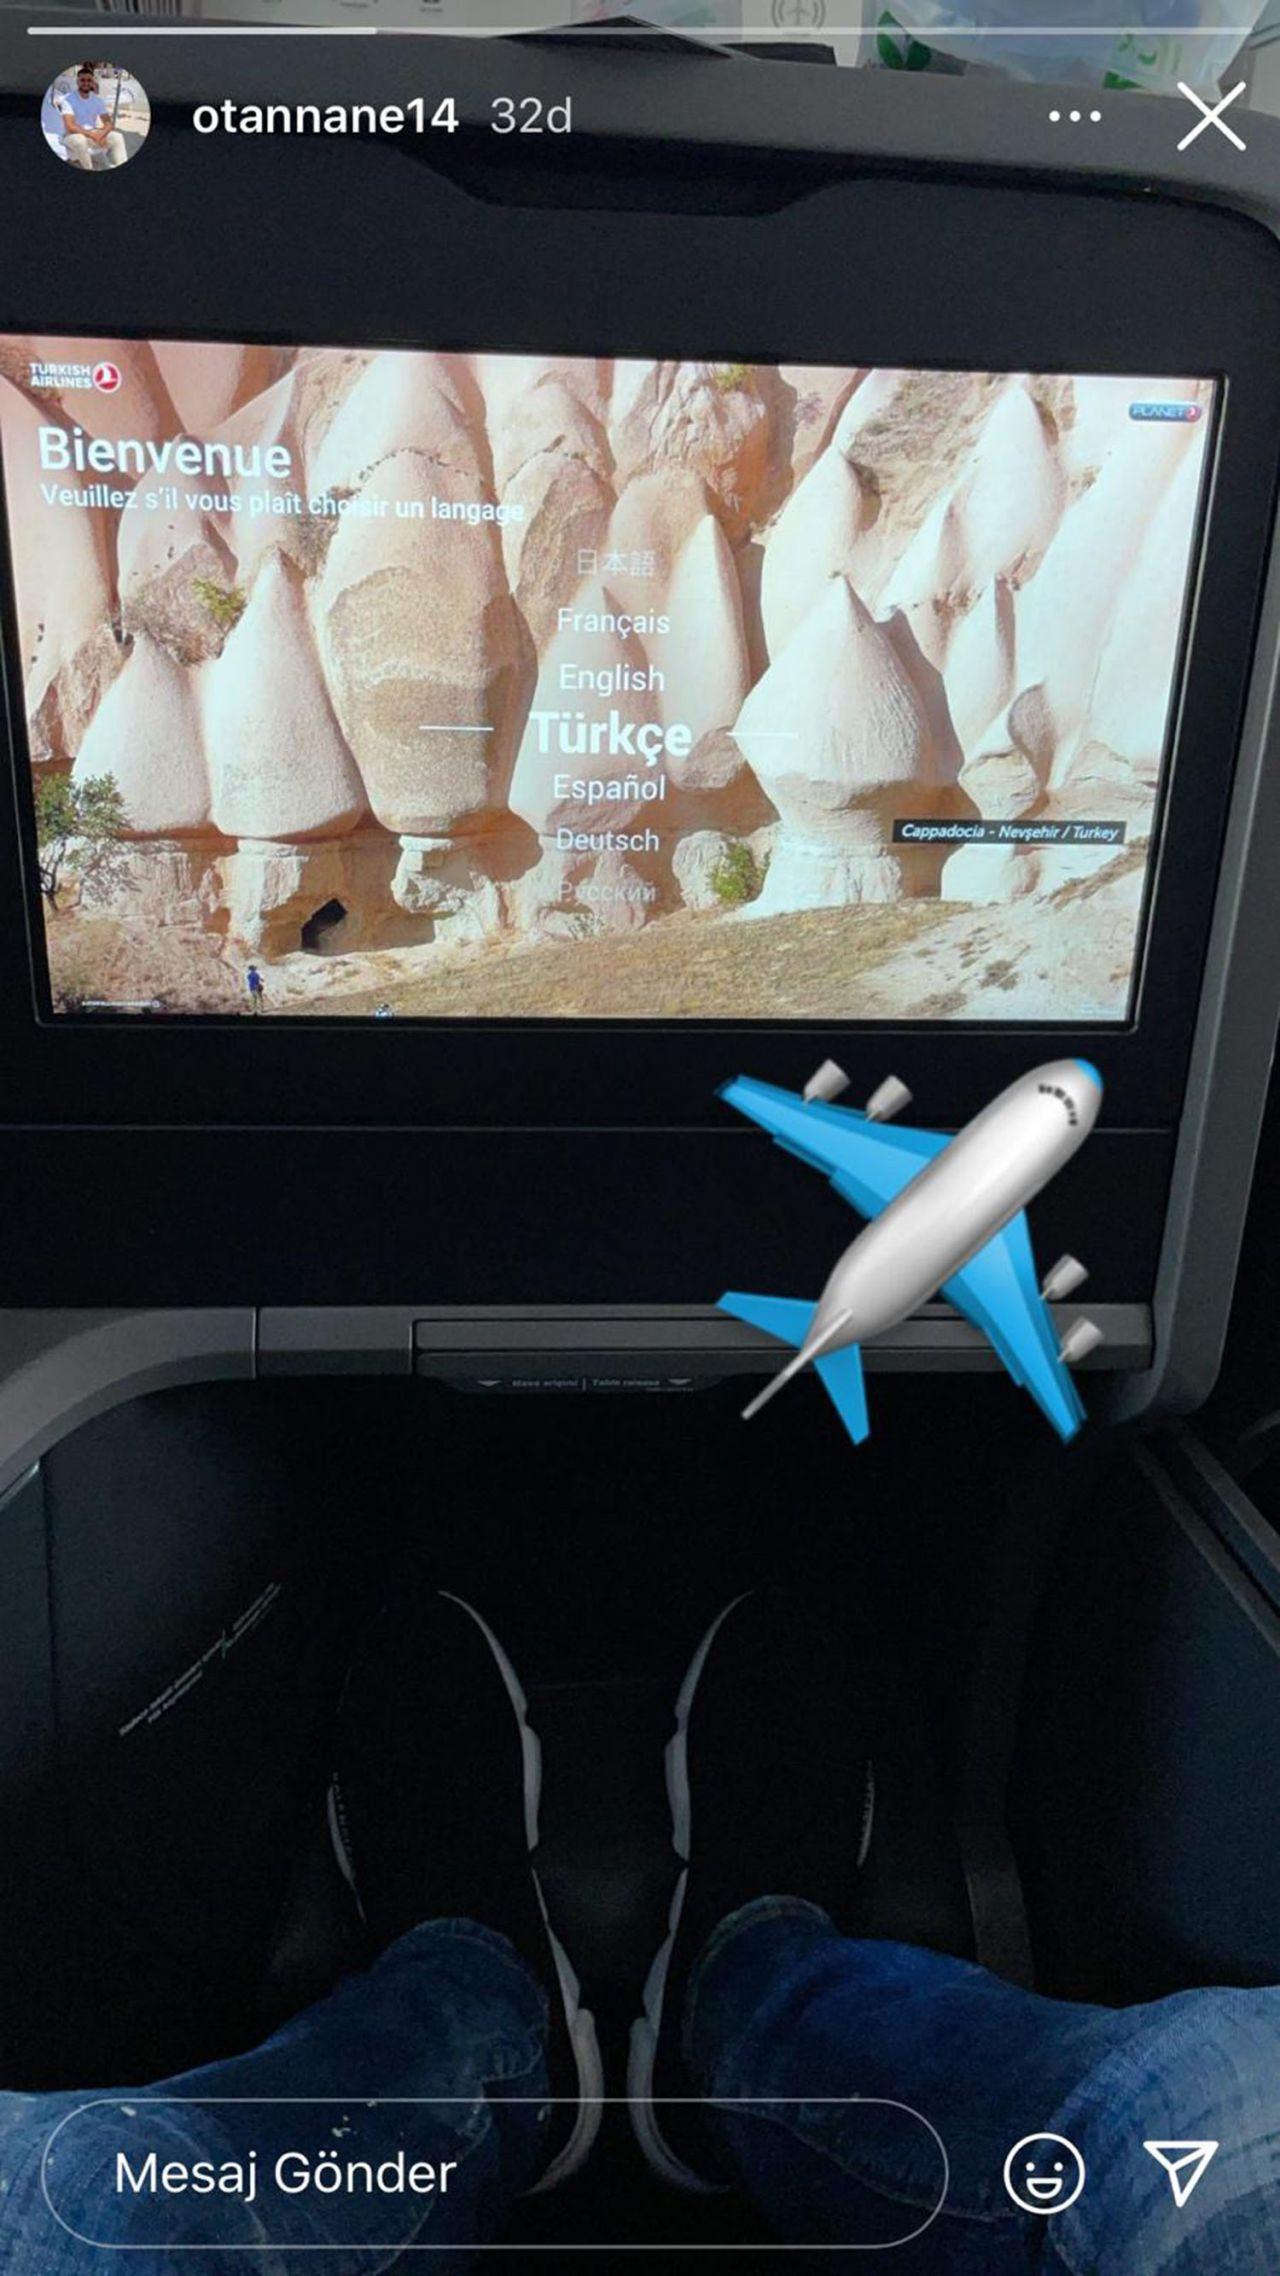 Oussama Tannane uçaktan paylaştı; İstanbul'a geliyor - Resim: 3